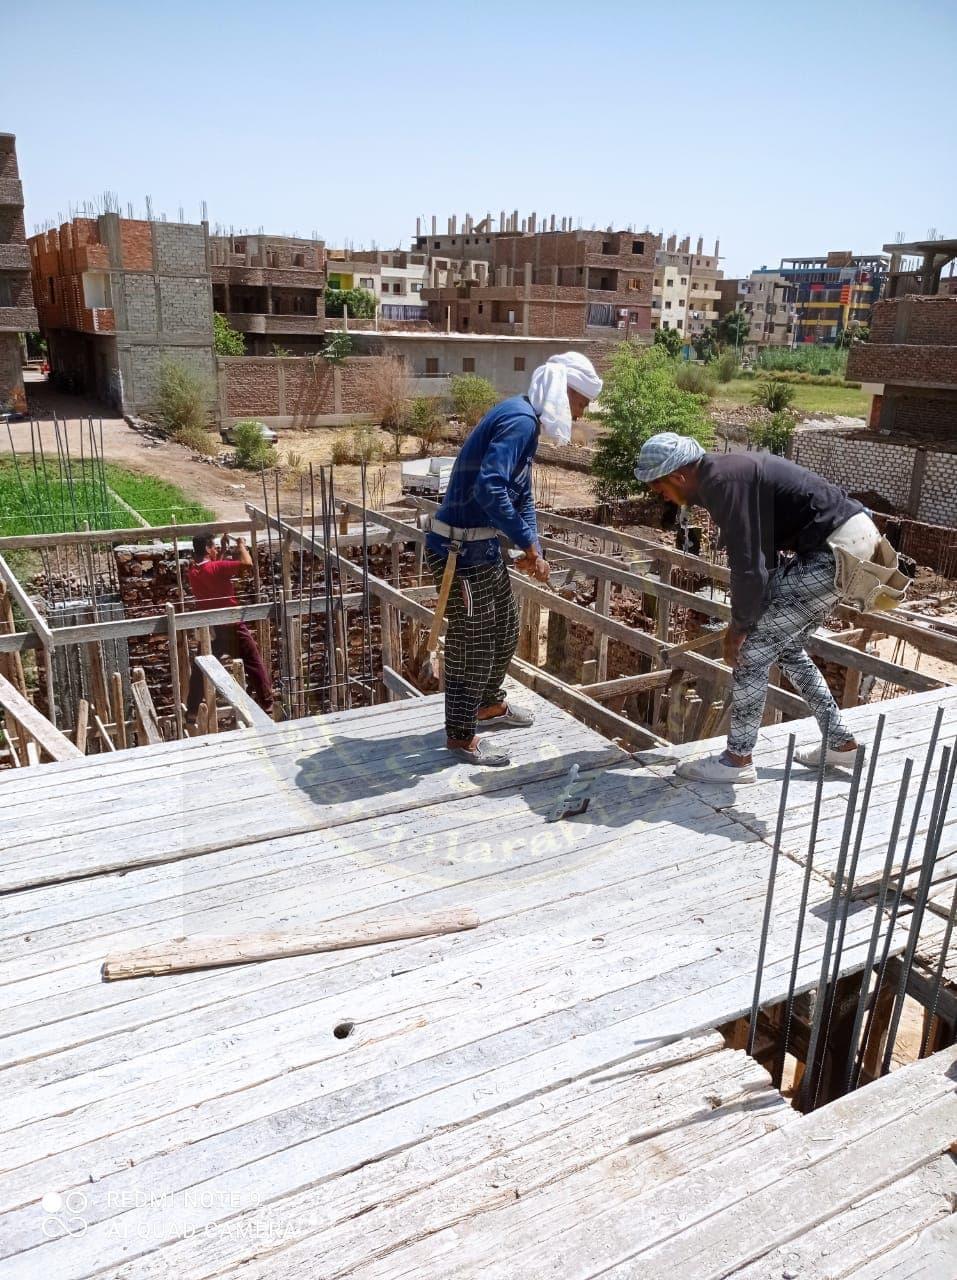 رصد مخالفة تعدٍ على أرض زراعية بناحية حوض الـ 57 بقرية الرياينة جنوب الأقصر